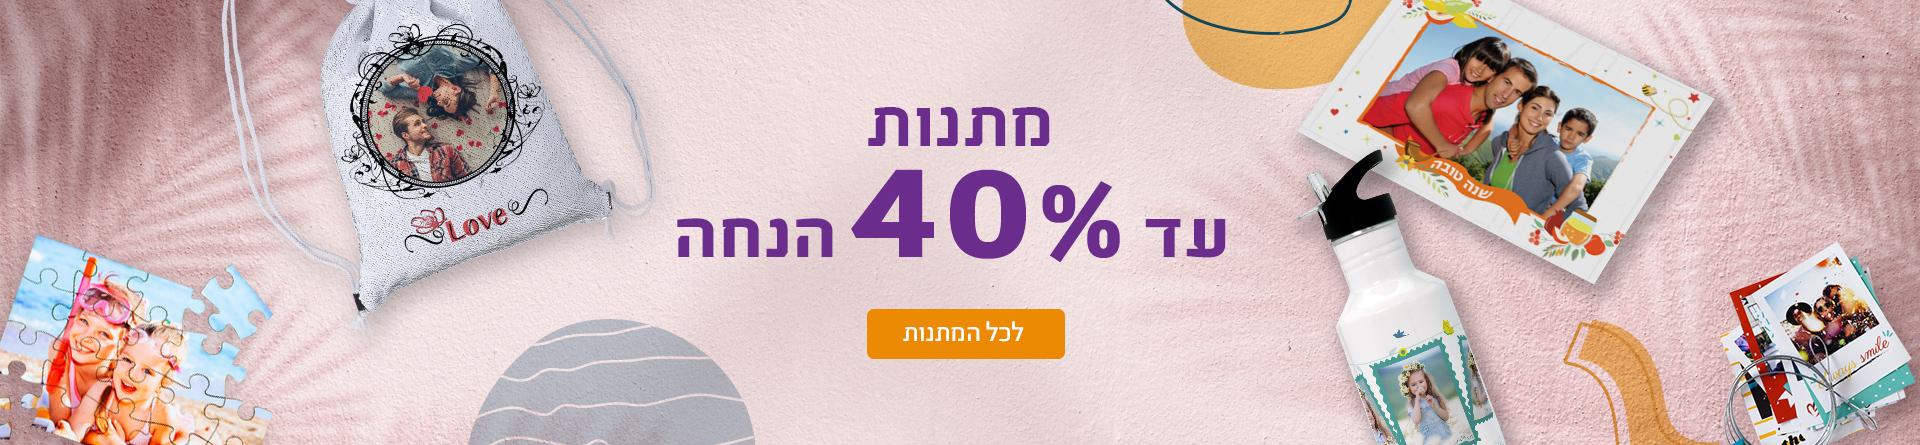 מתנות ספטמבר 40% 5.9